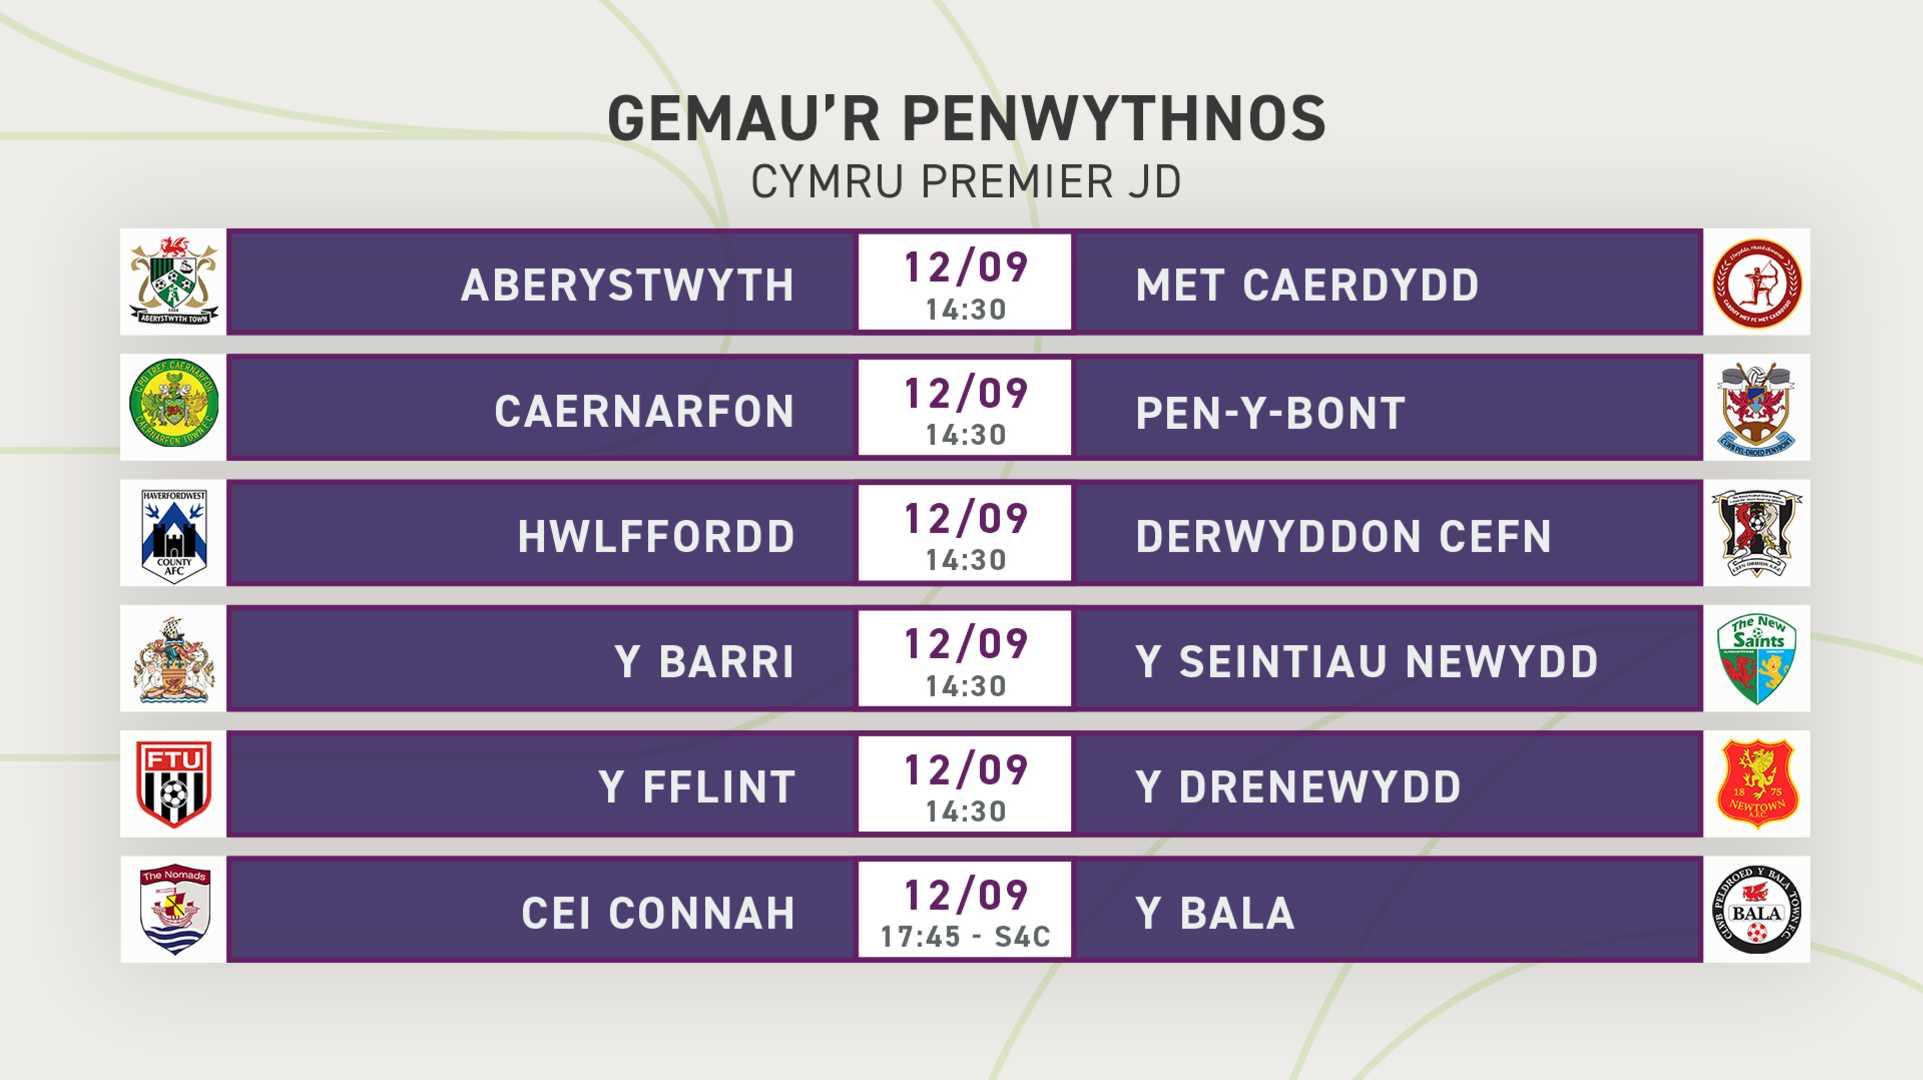 Rhagolwg penwythnos agoriadol Cymru Premier JD